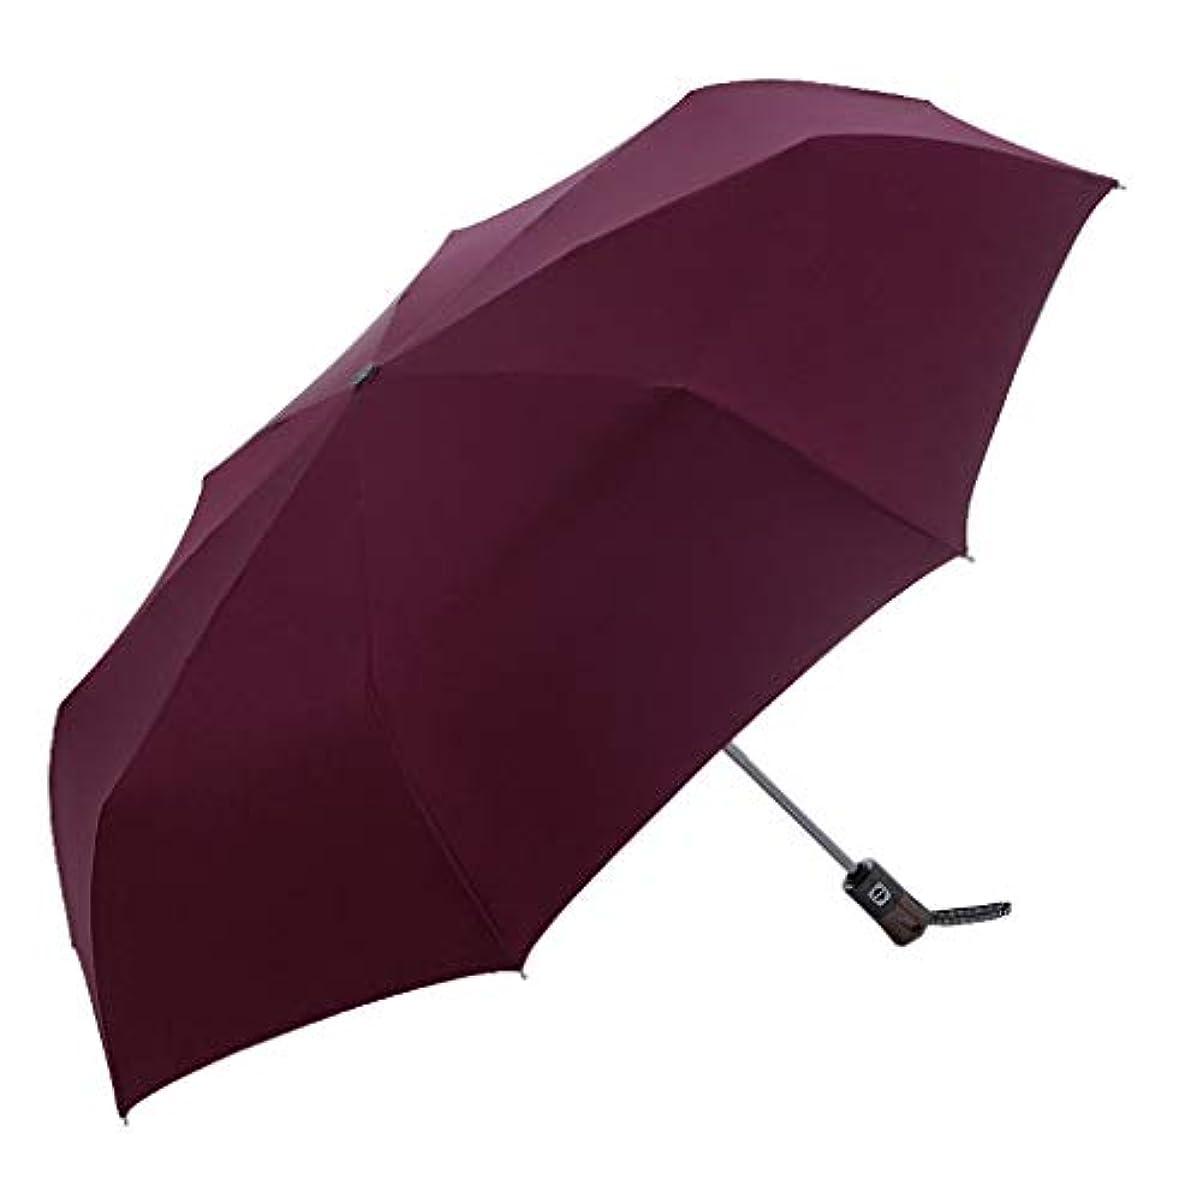 ゆるい枯渇する道路傘折りたたみ傘日除けUV傘パラソル (色 : Red)